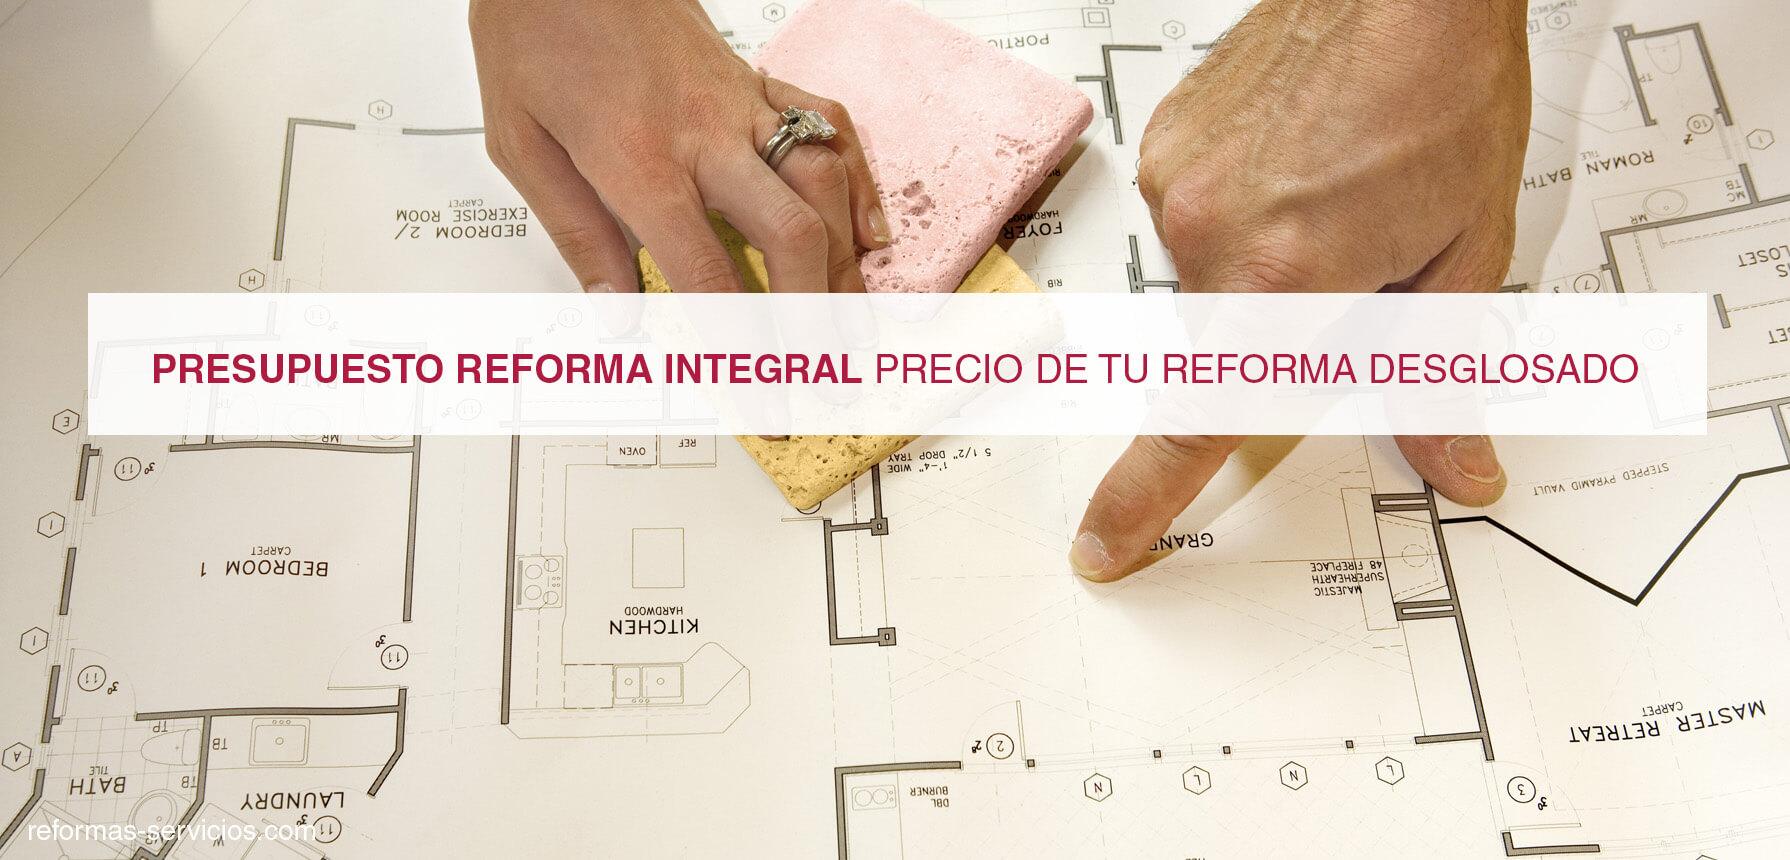 presupuesto reforma integral u precio de tu reforma desglosado